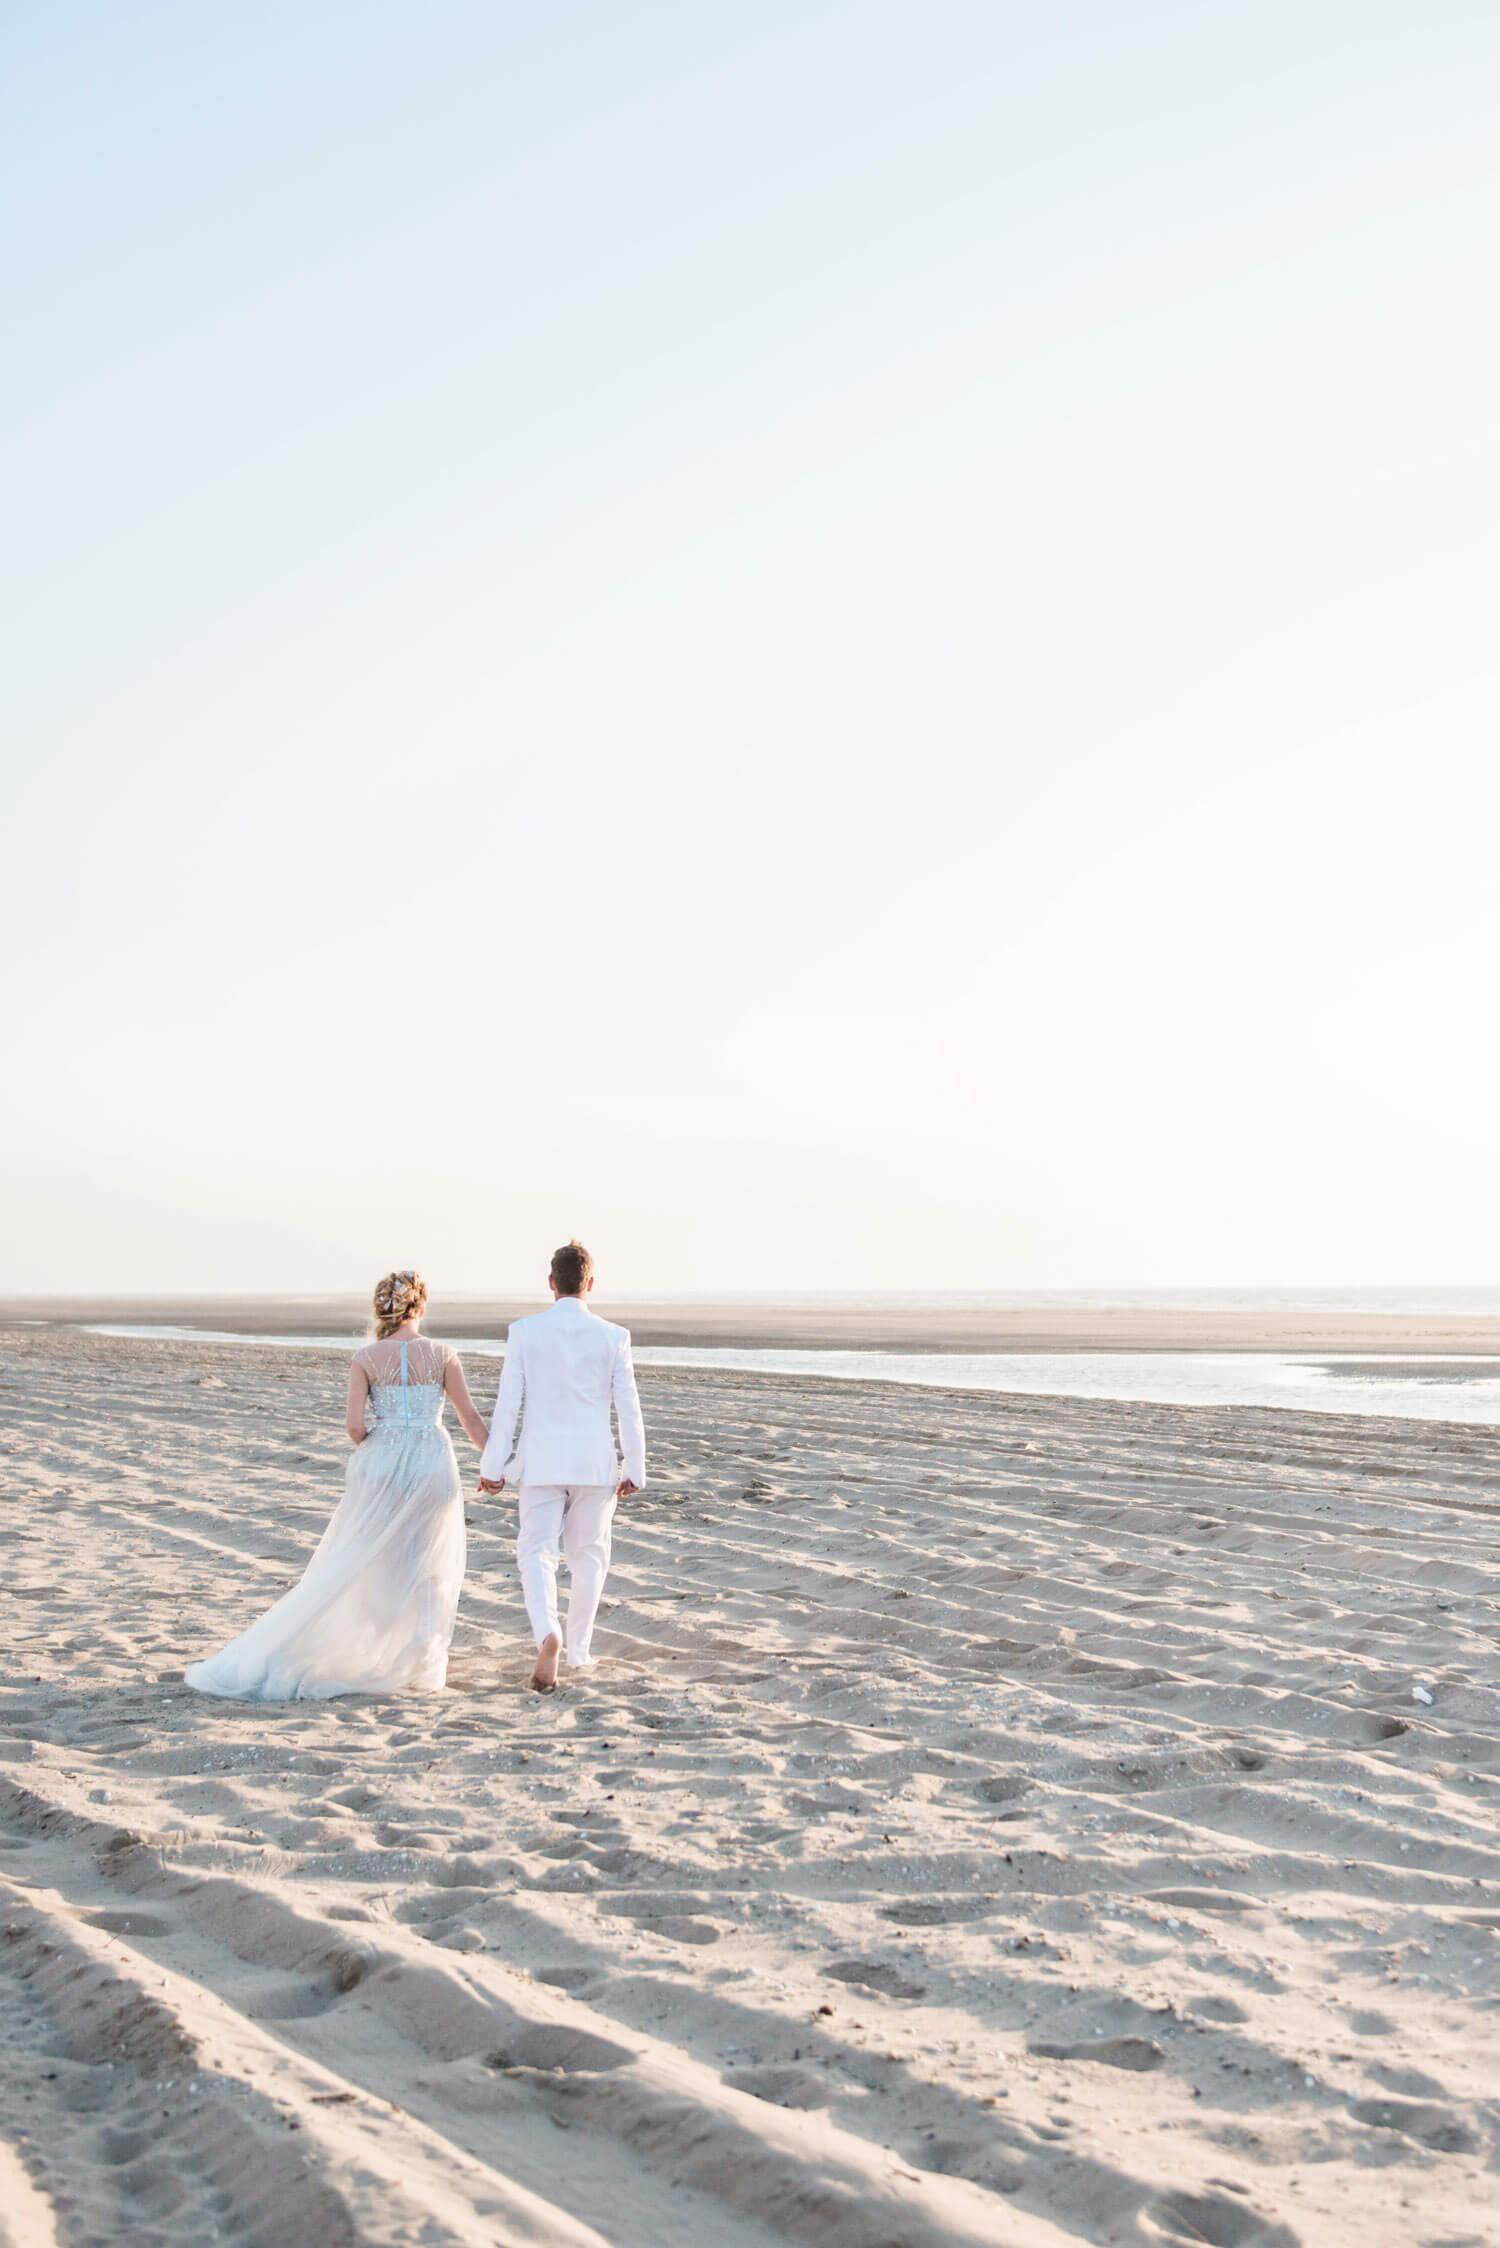 Trouwfotograaf voor bruiloft in het buitenland - ©Wit Photography - Londen trouwfotograaf, Griekenland trouwfotograaf, Parijs trouwfotograaf, Italie trouwfotograaf-16-2